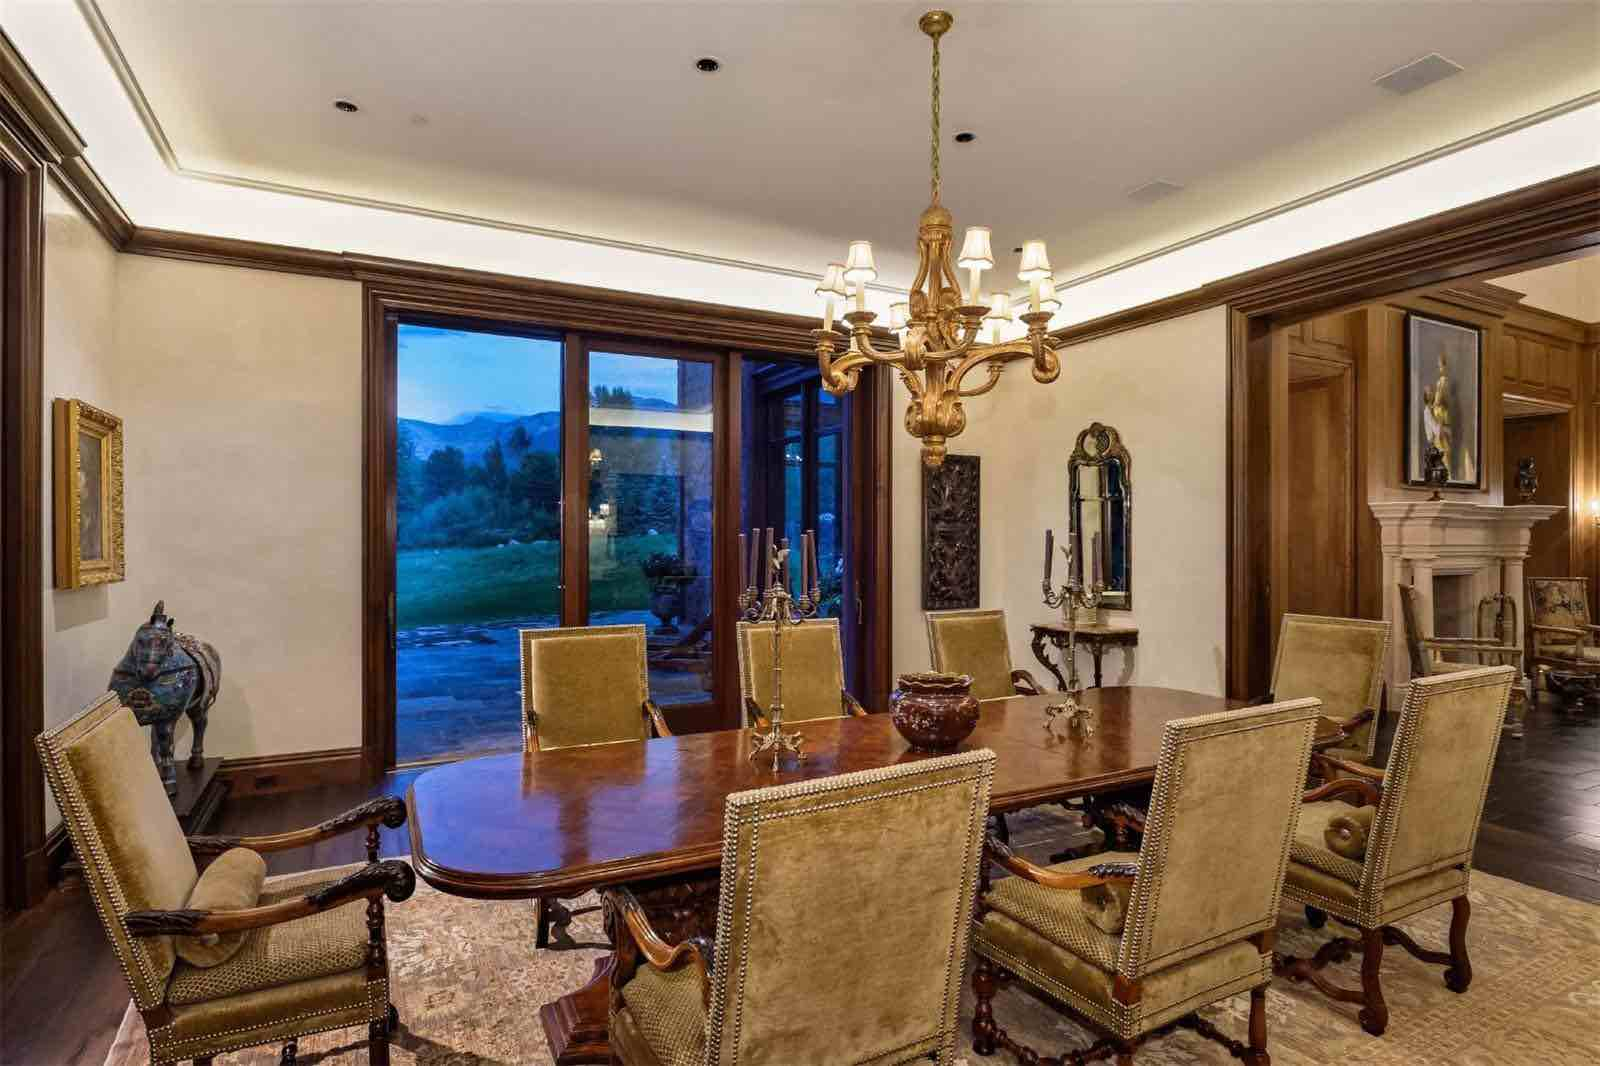 Lujosa mega propiedad recién construida a orillas de un río en Aspen, Colorado sale a la venta por $39,5 millones